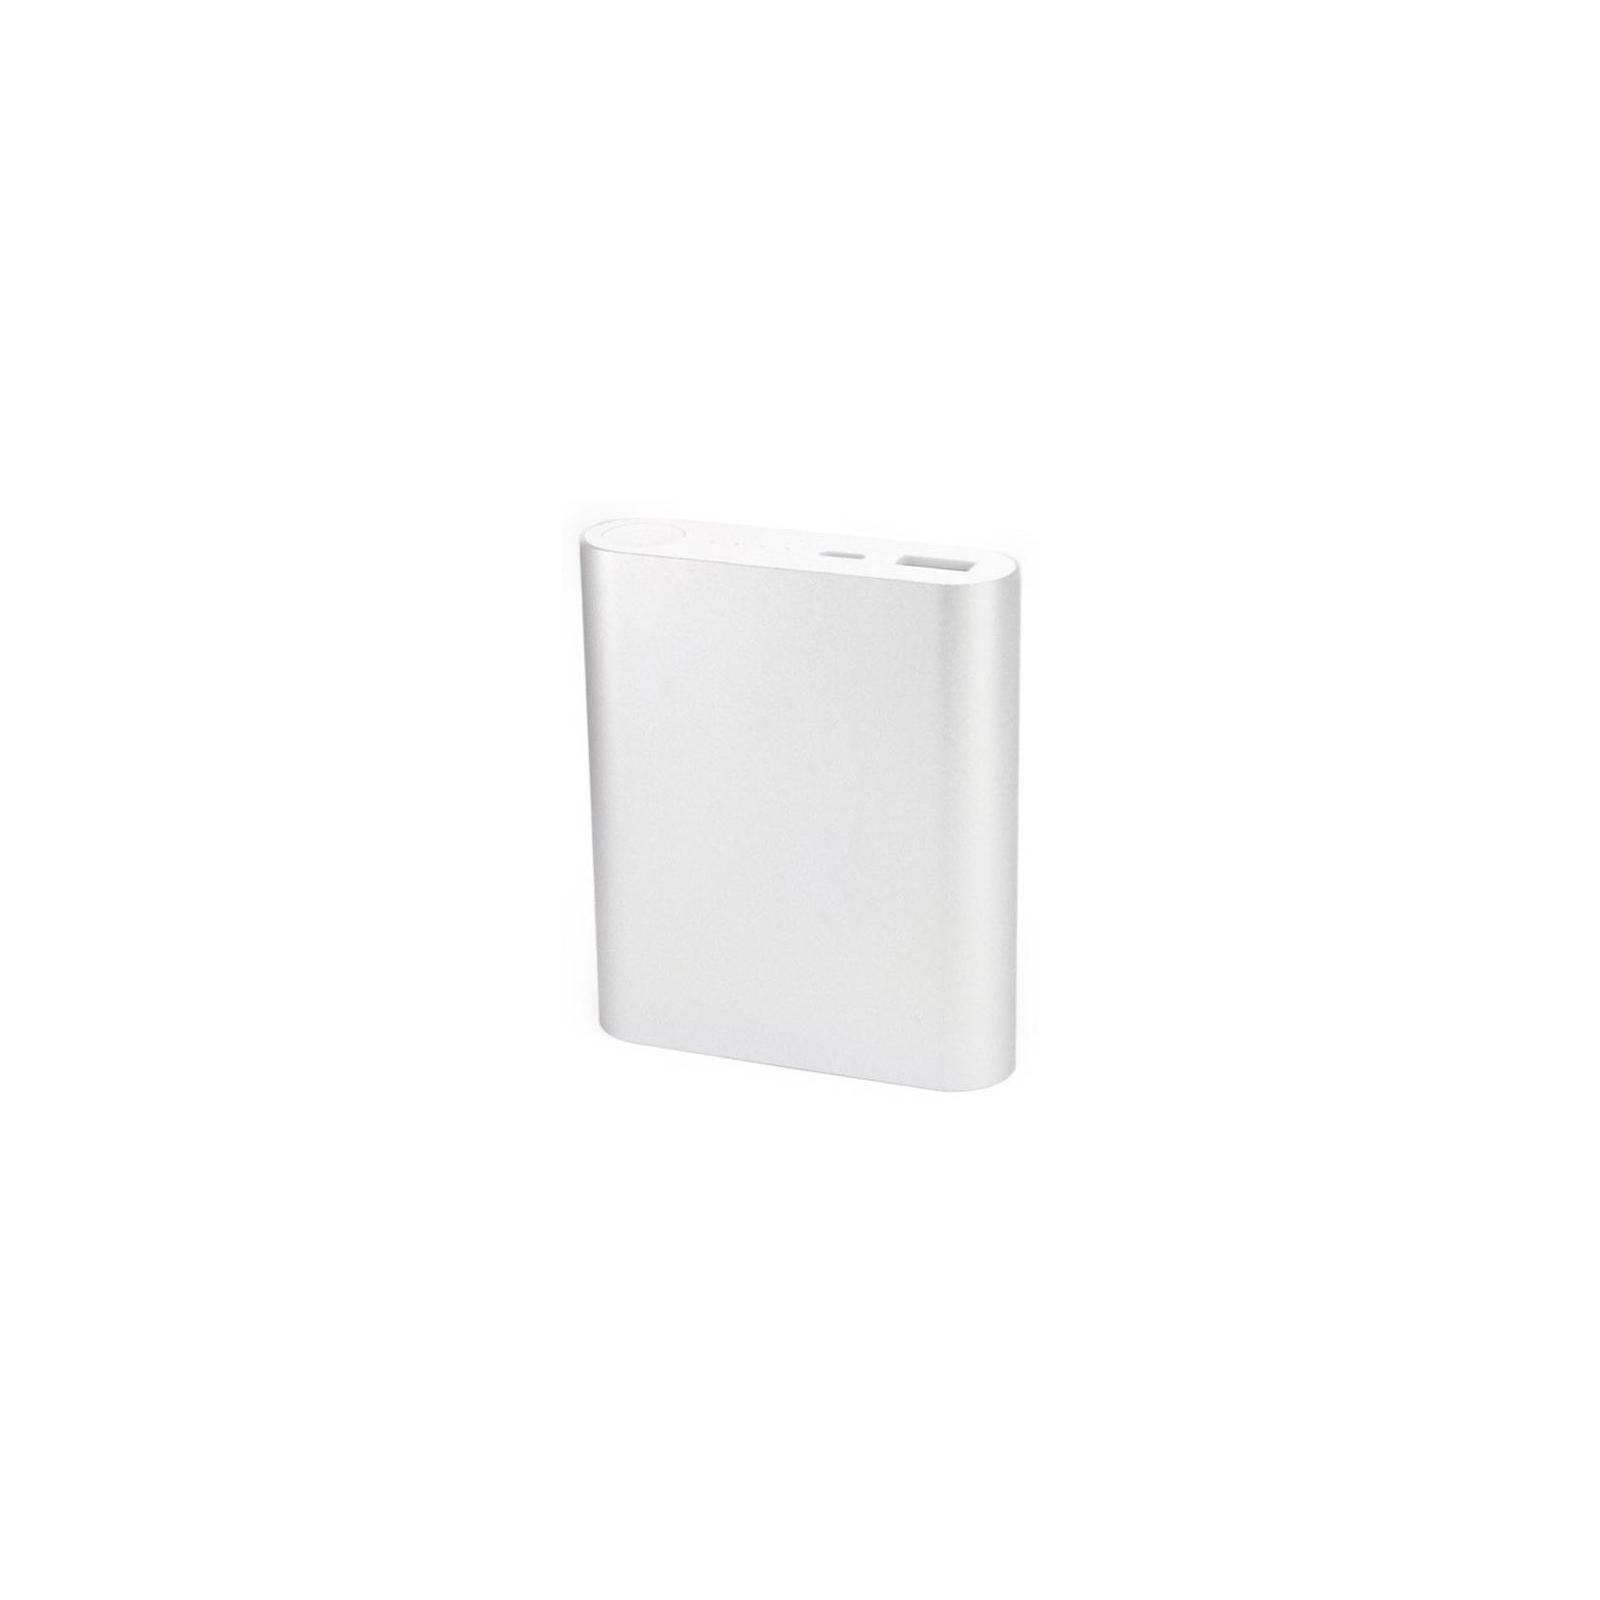 Батарея универсальная EXTRADIGITAL ED-86 Silver 10400 mAh 1*USB 5V/1.0A (PBU3424) изображение 3